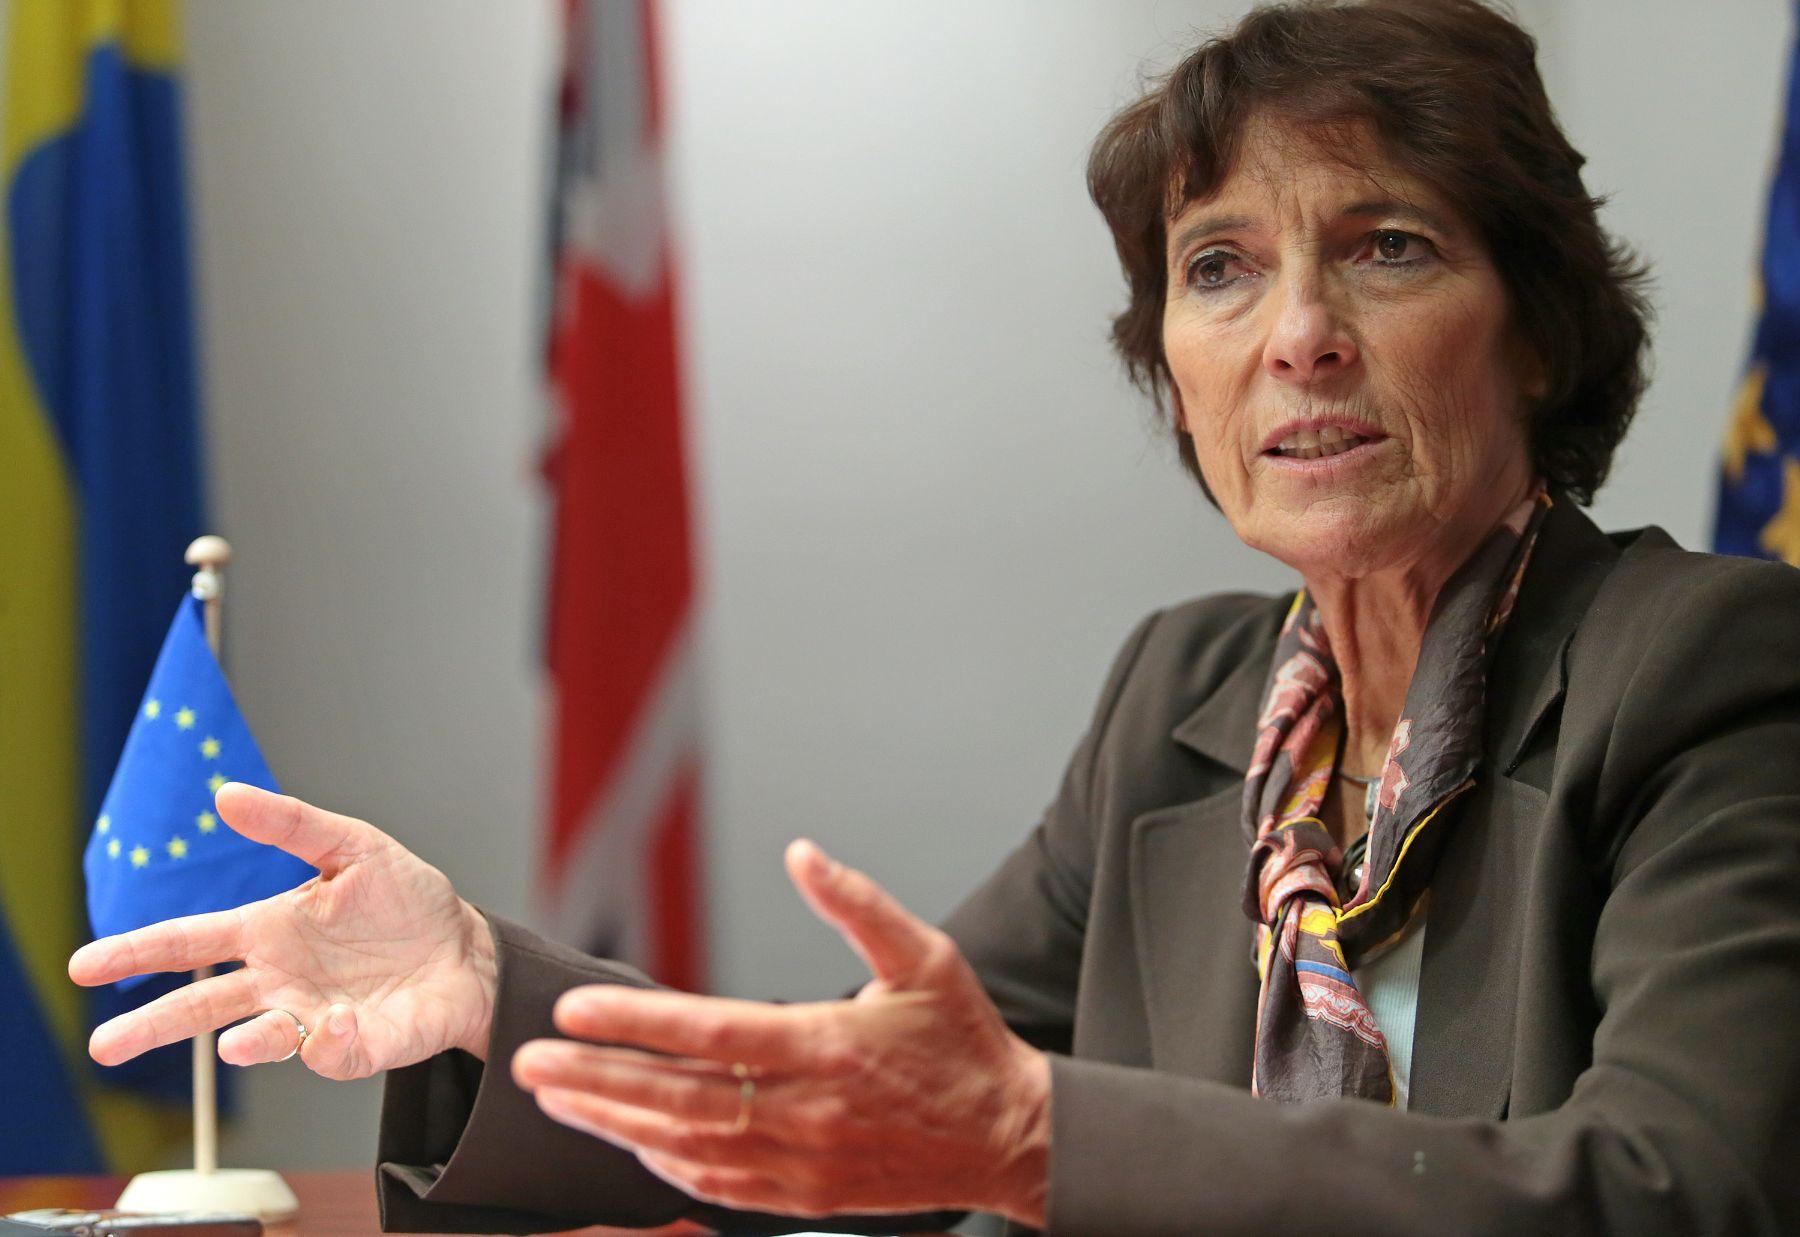 Lima, Perú - Noviembre 11, 2013. Irene Horejs, embajadora de la Unión Europea en Perú.Foto:ANDINA/Carlos Lezama